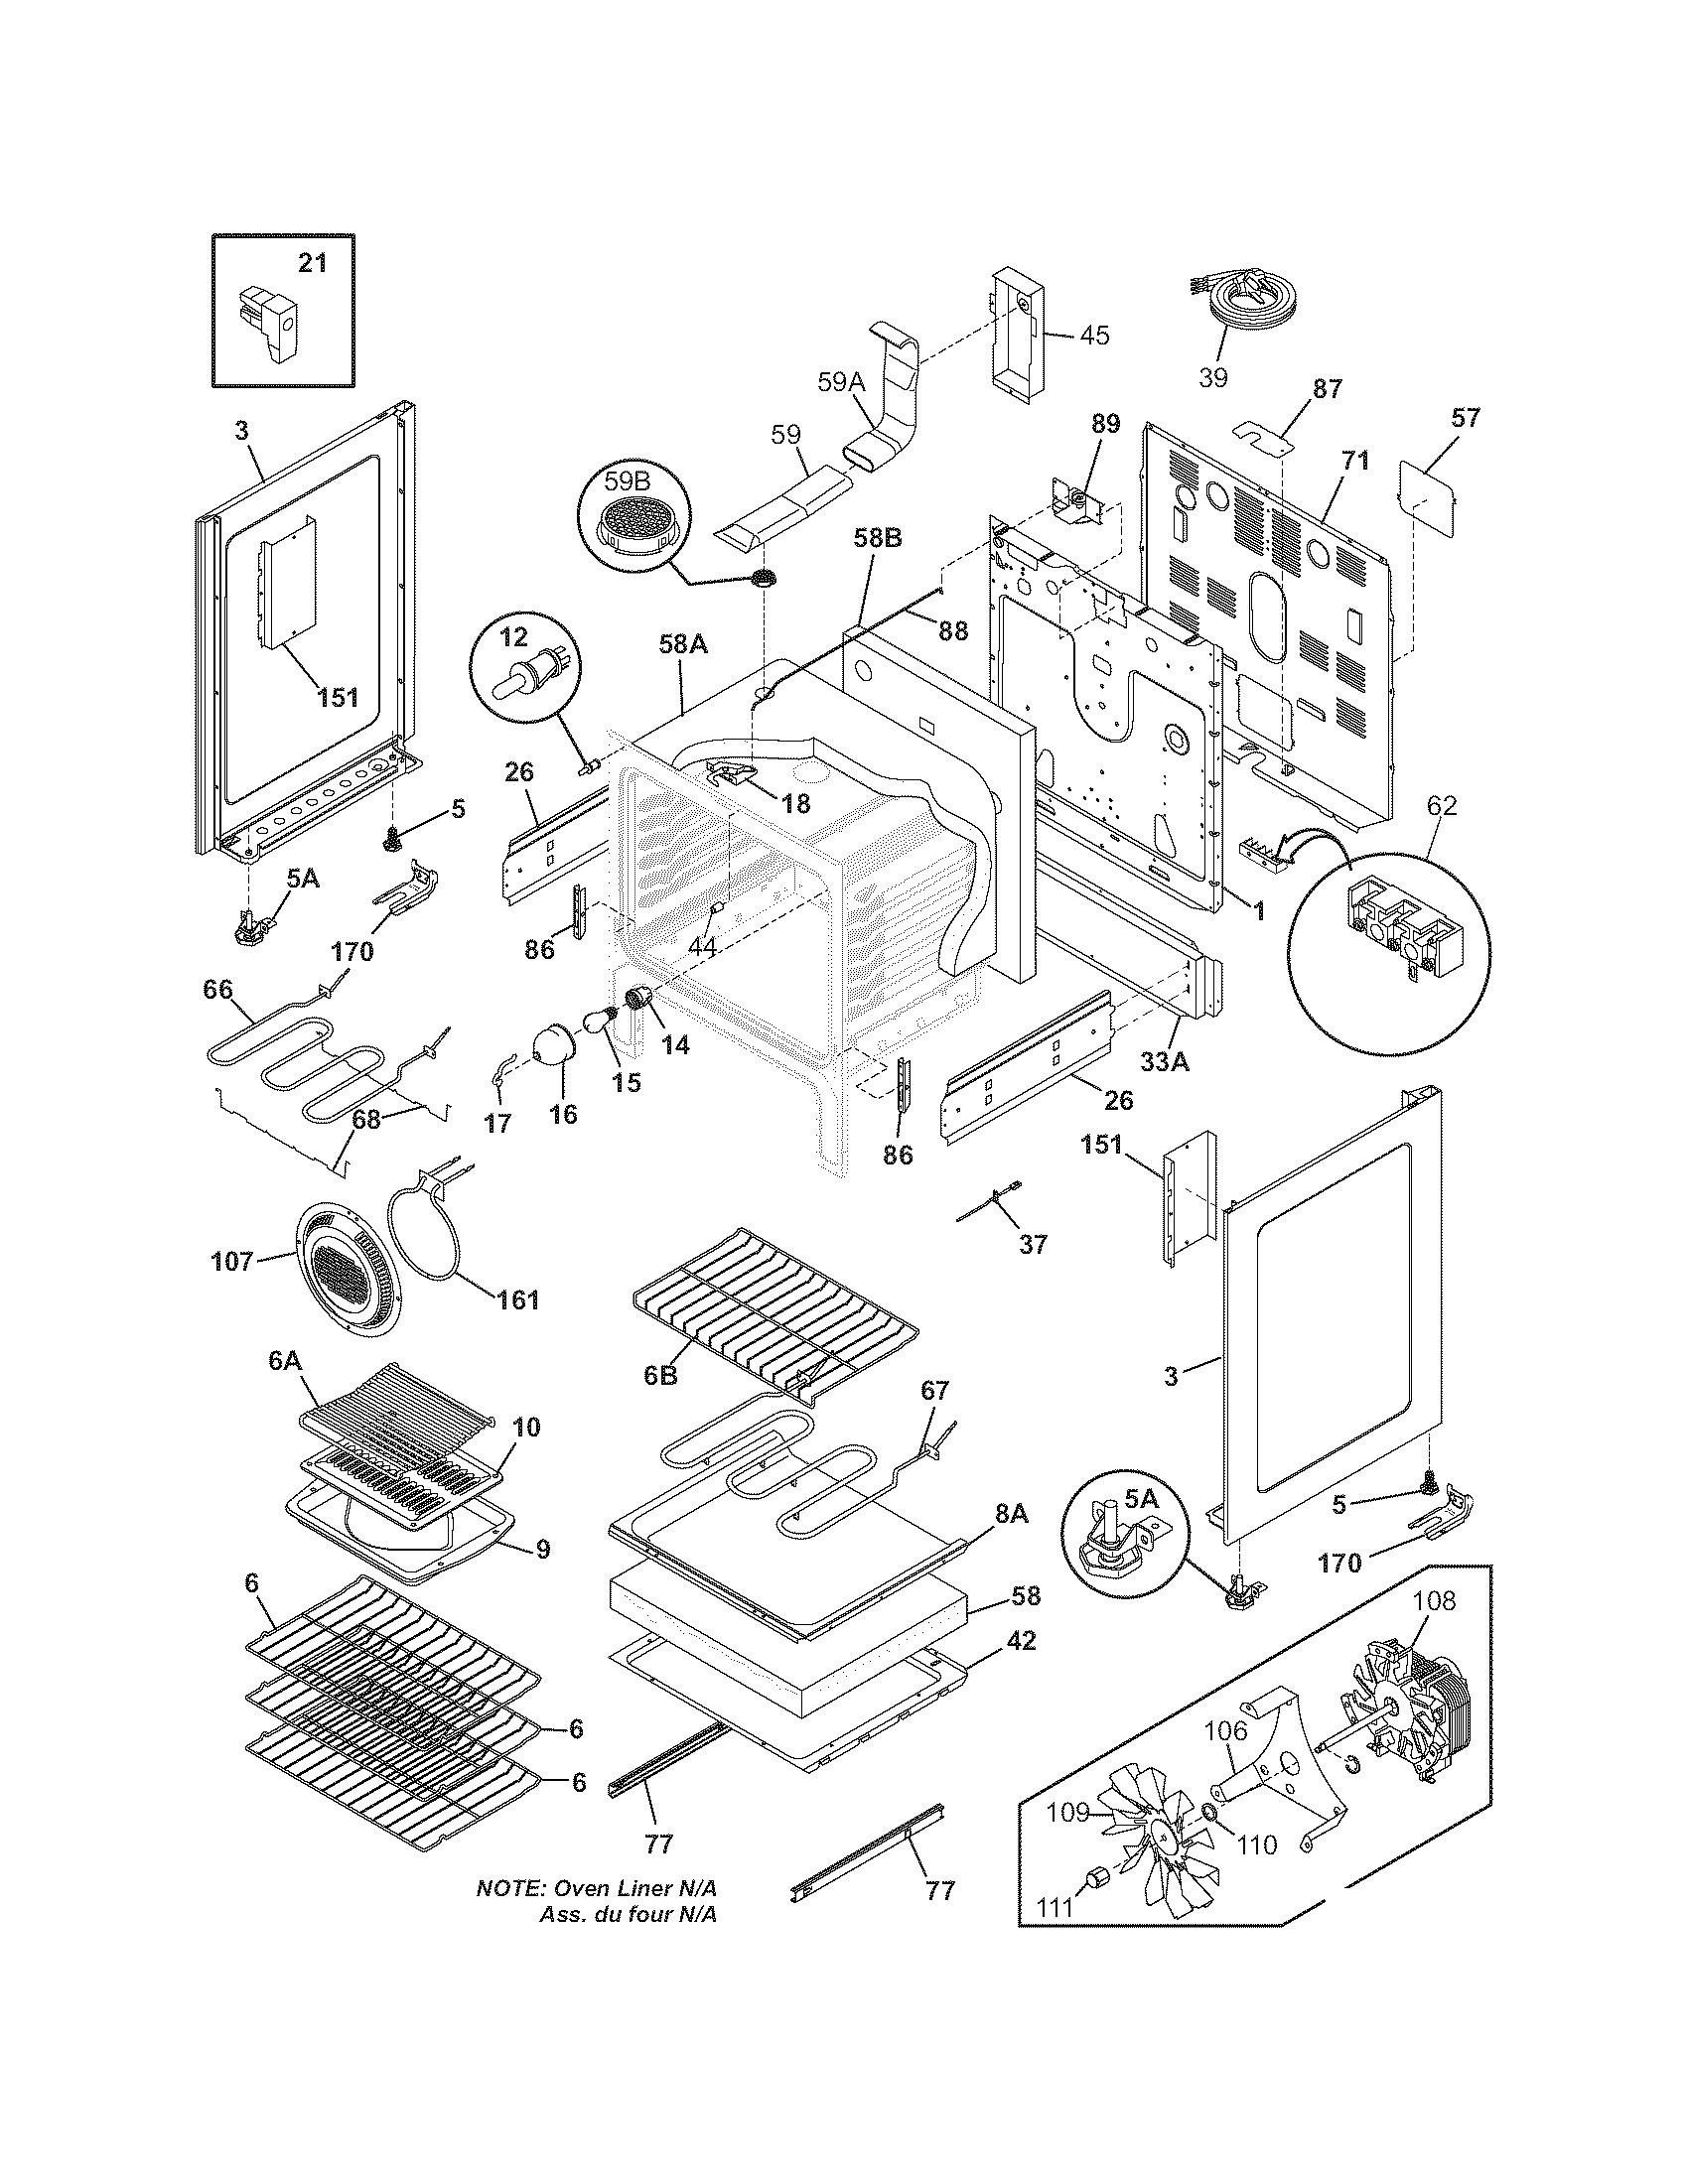 Frigidaire Gallery Refrigerator Parts Diagram Stunning Frigidaire Wiring Diagram Gallery Everything You Need to Of Frigidaire Gallery Refrigerator Parts Diagram